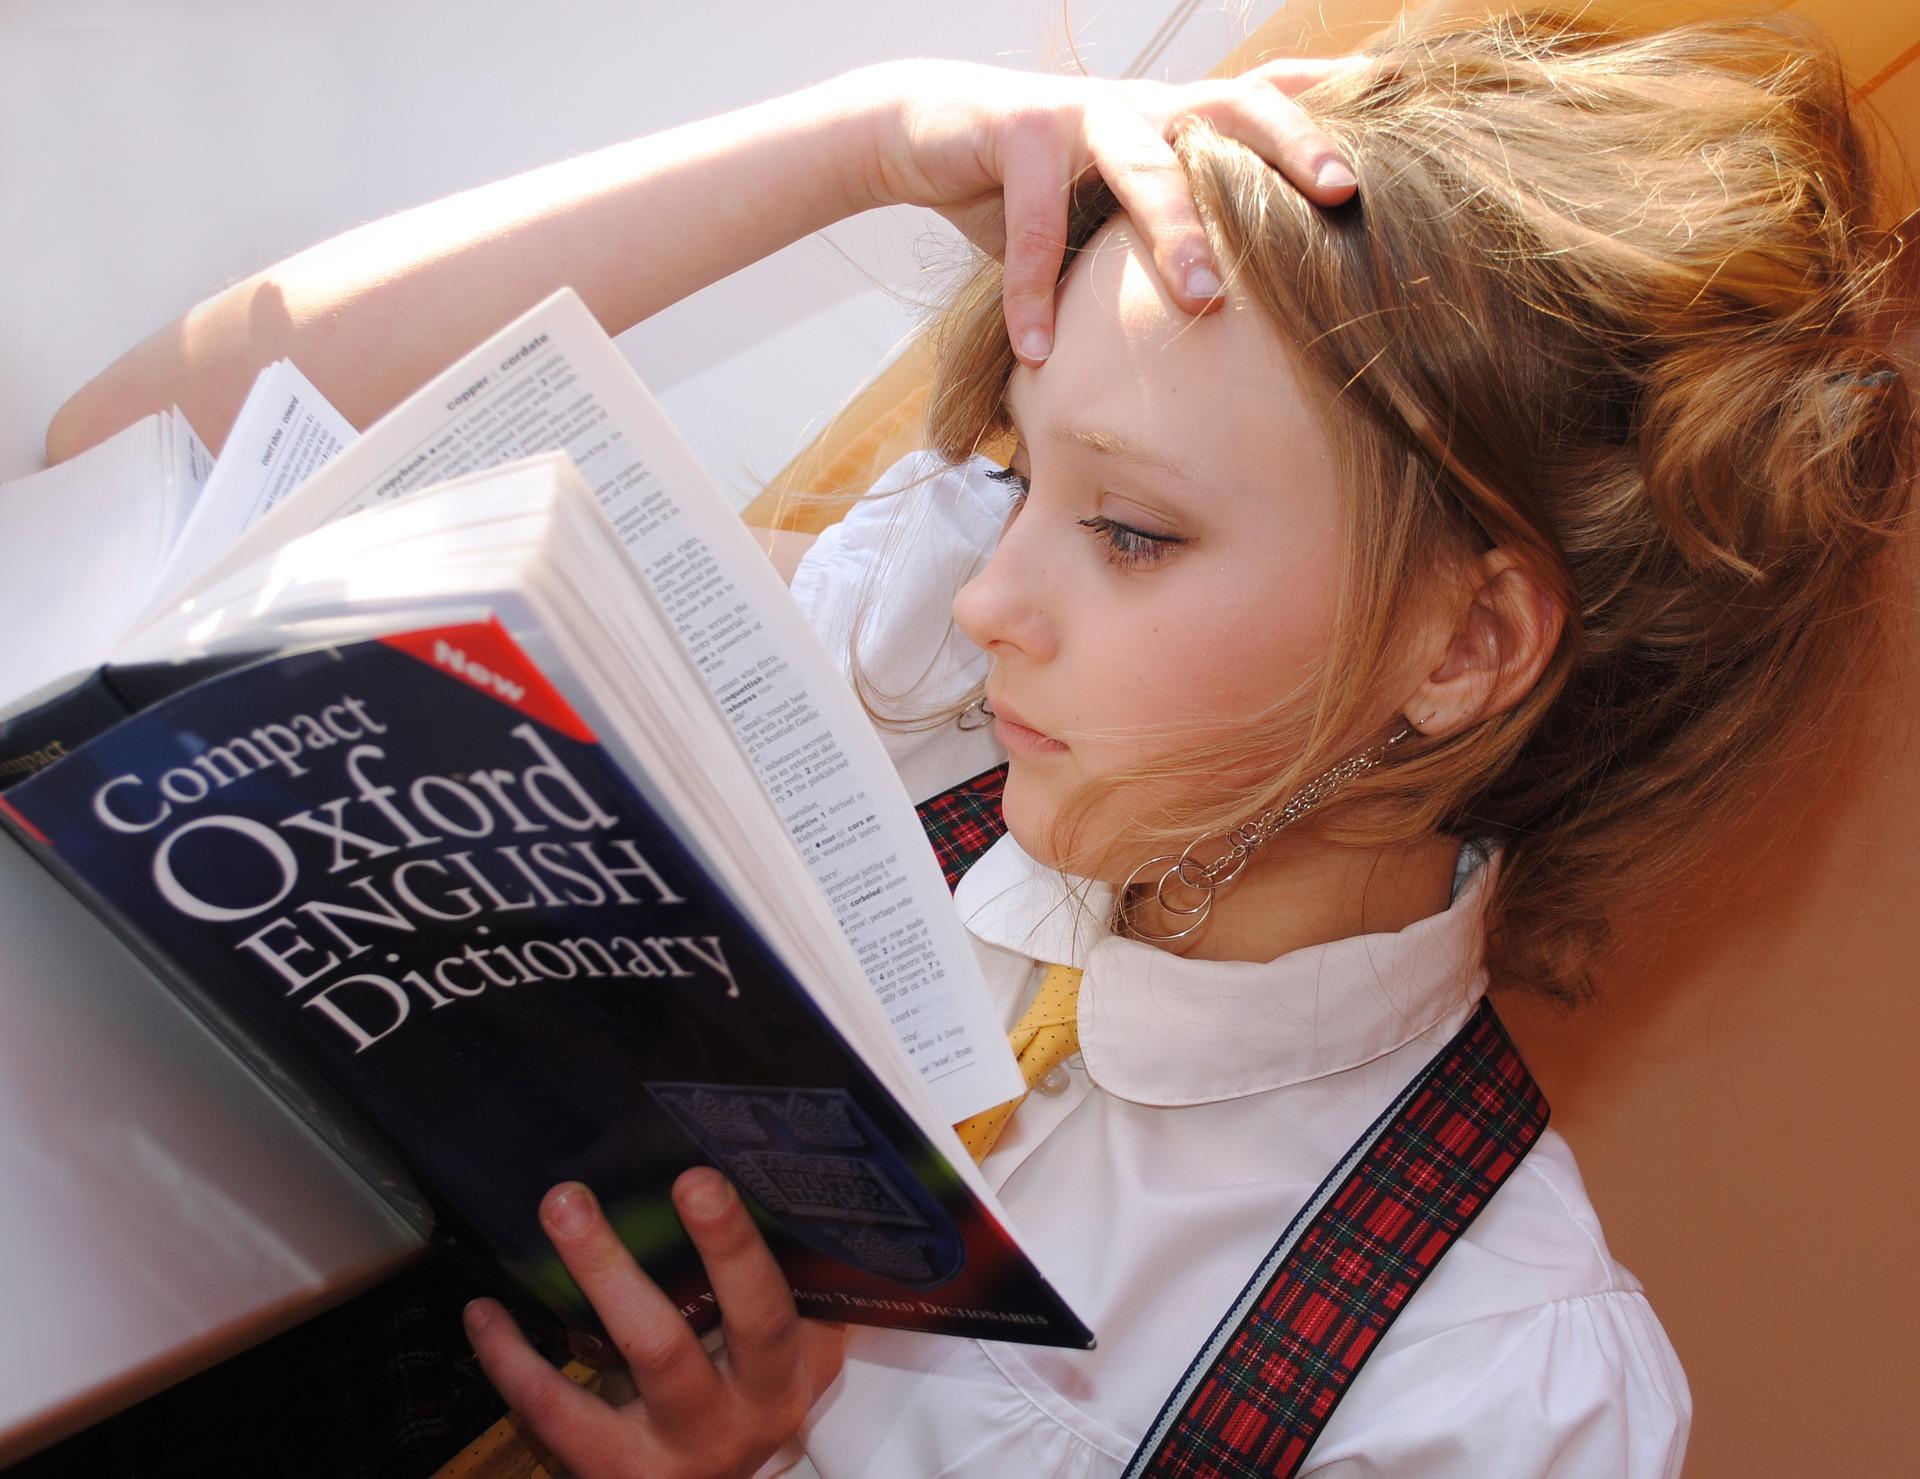 【英語上達!】留学・海外滞在の英語は慣れと言い切れる「5つの慣れ」